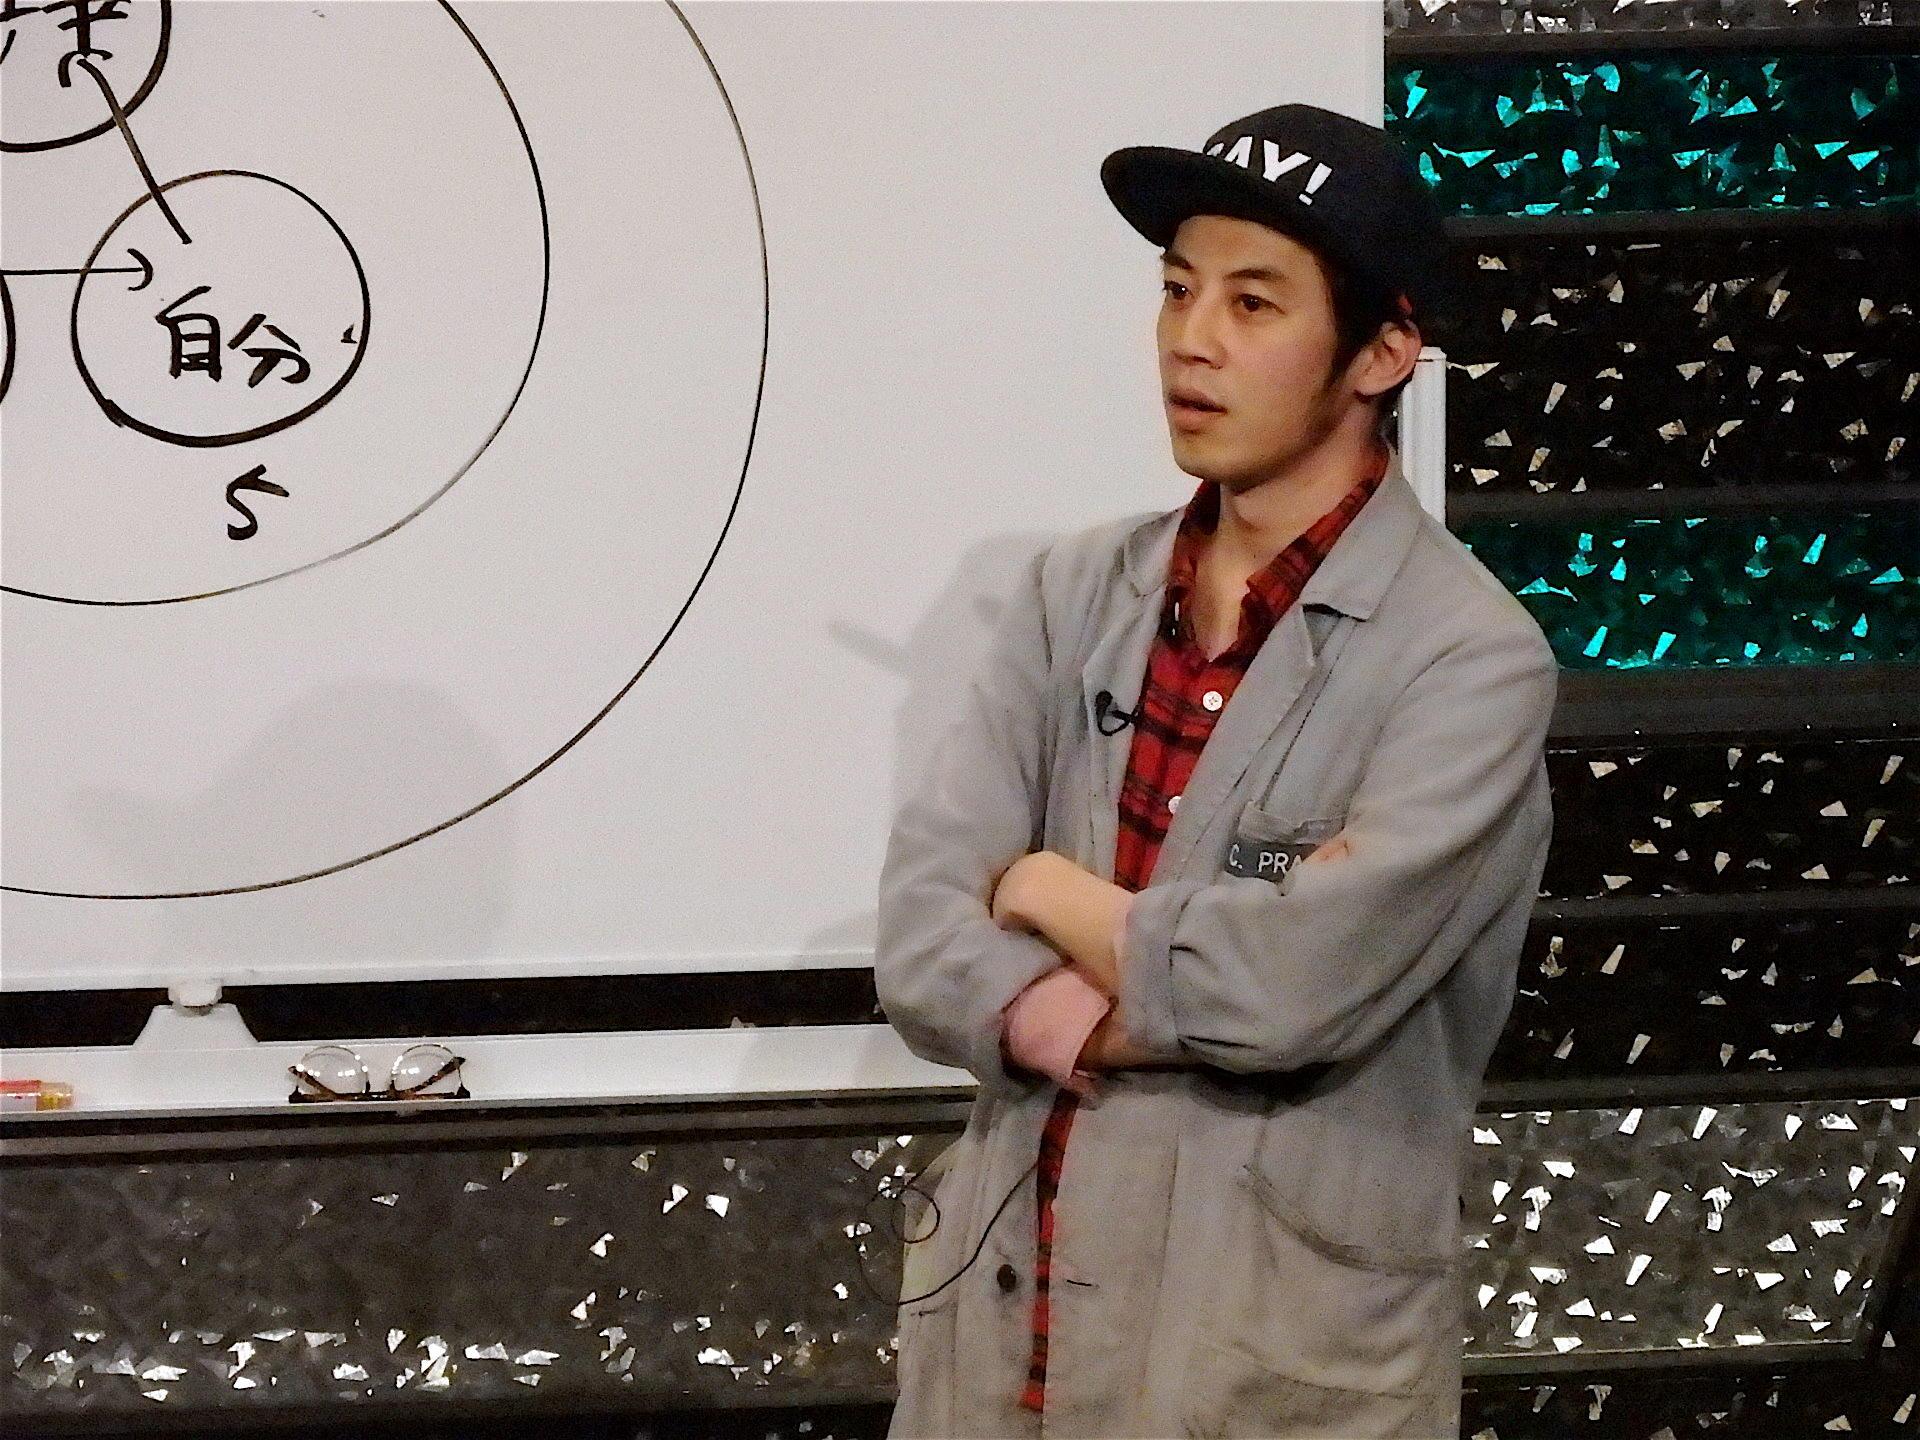 http://news.yoshimoto.co.jp/20160116182538-07731f98ad061fb29ce10d32c9778a3dd00b9d88.jpg